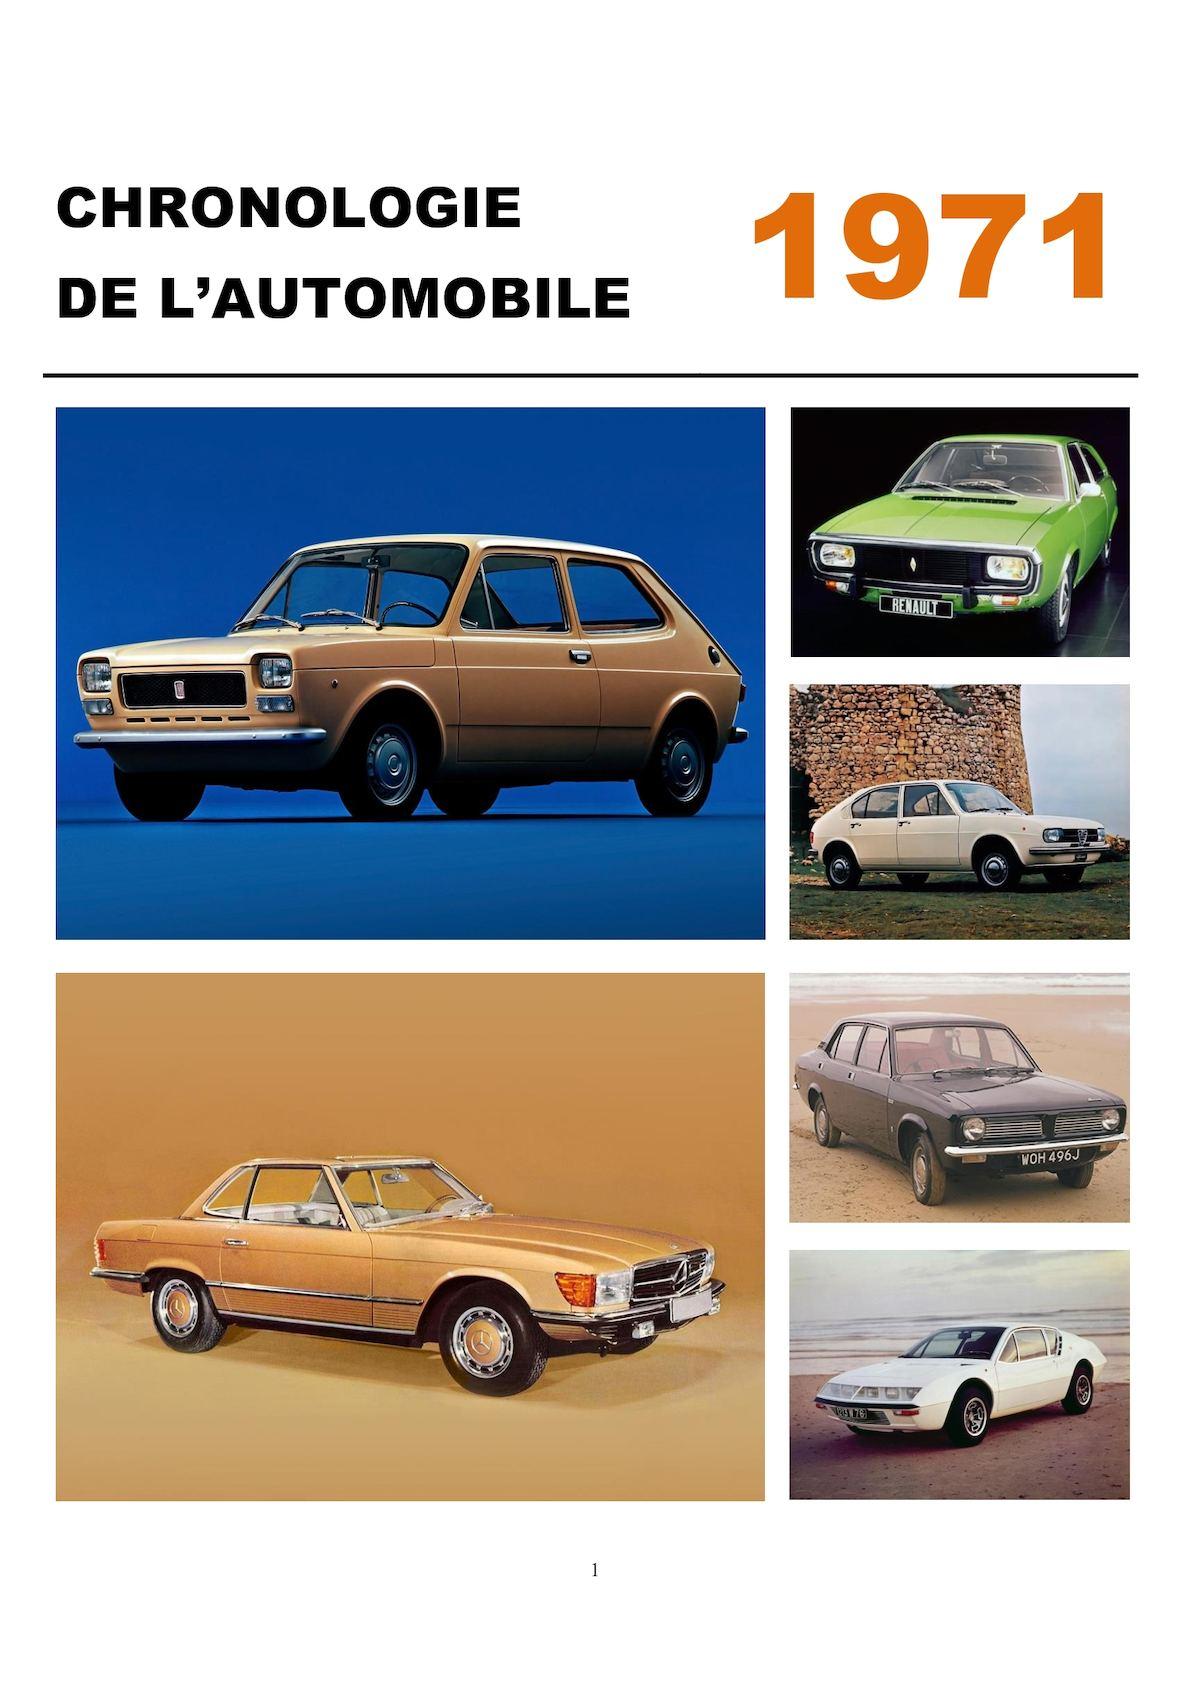 Chronologie de l'automobile - 1971